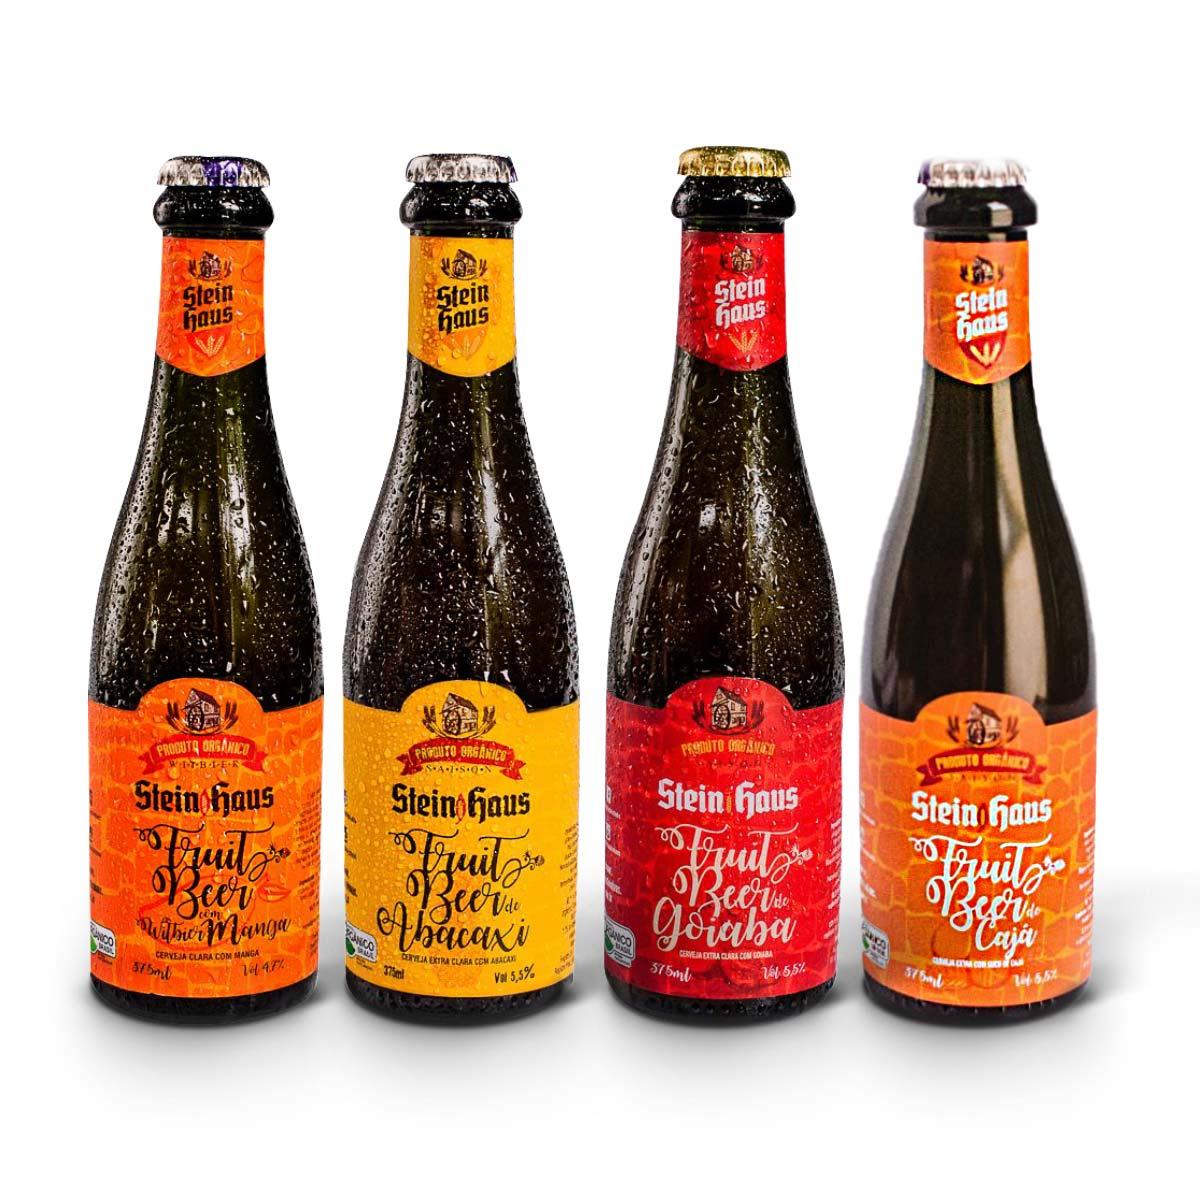 Kit degustação SteinHaus Orgânica Fruitbier 4 cervejas